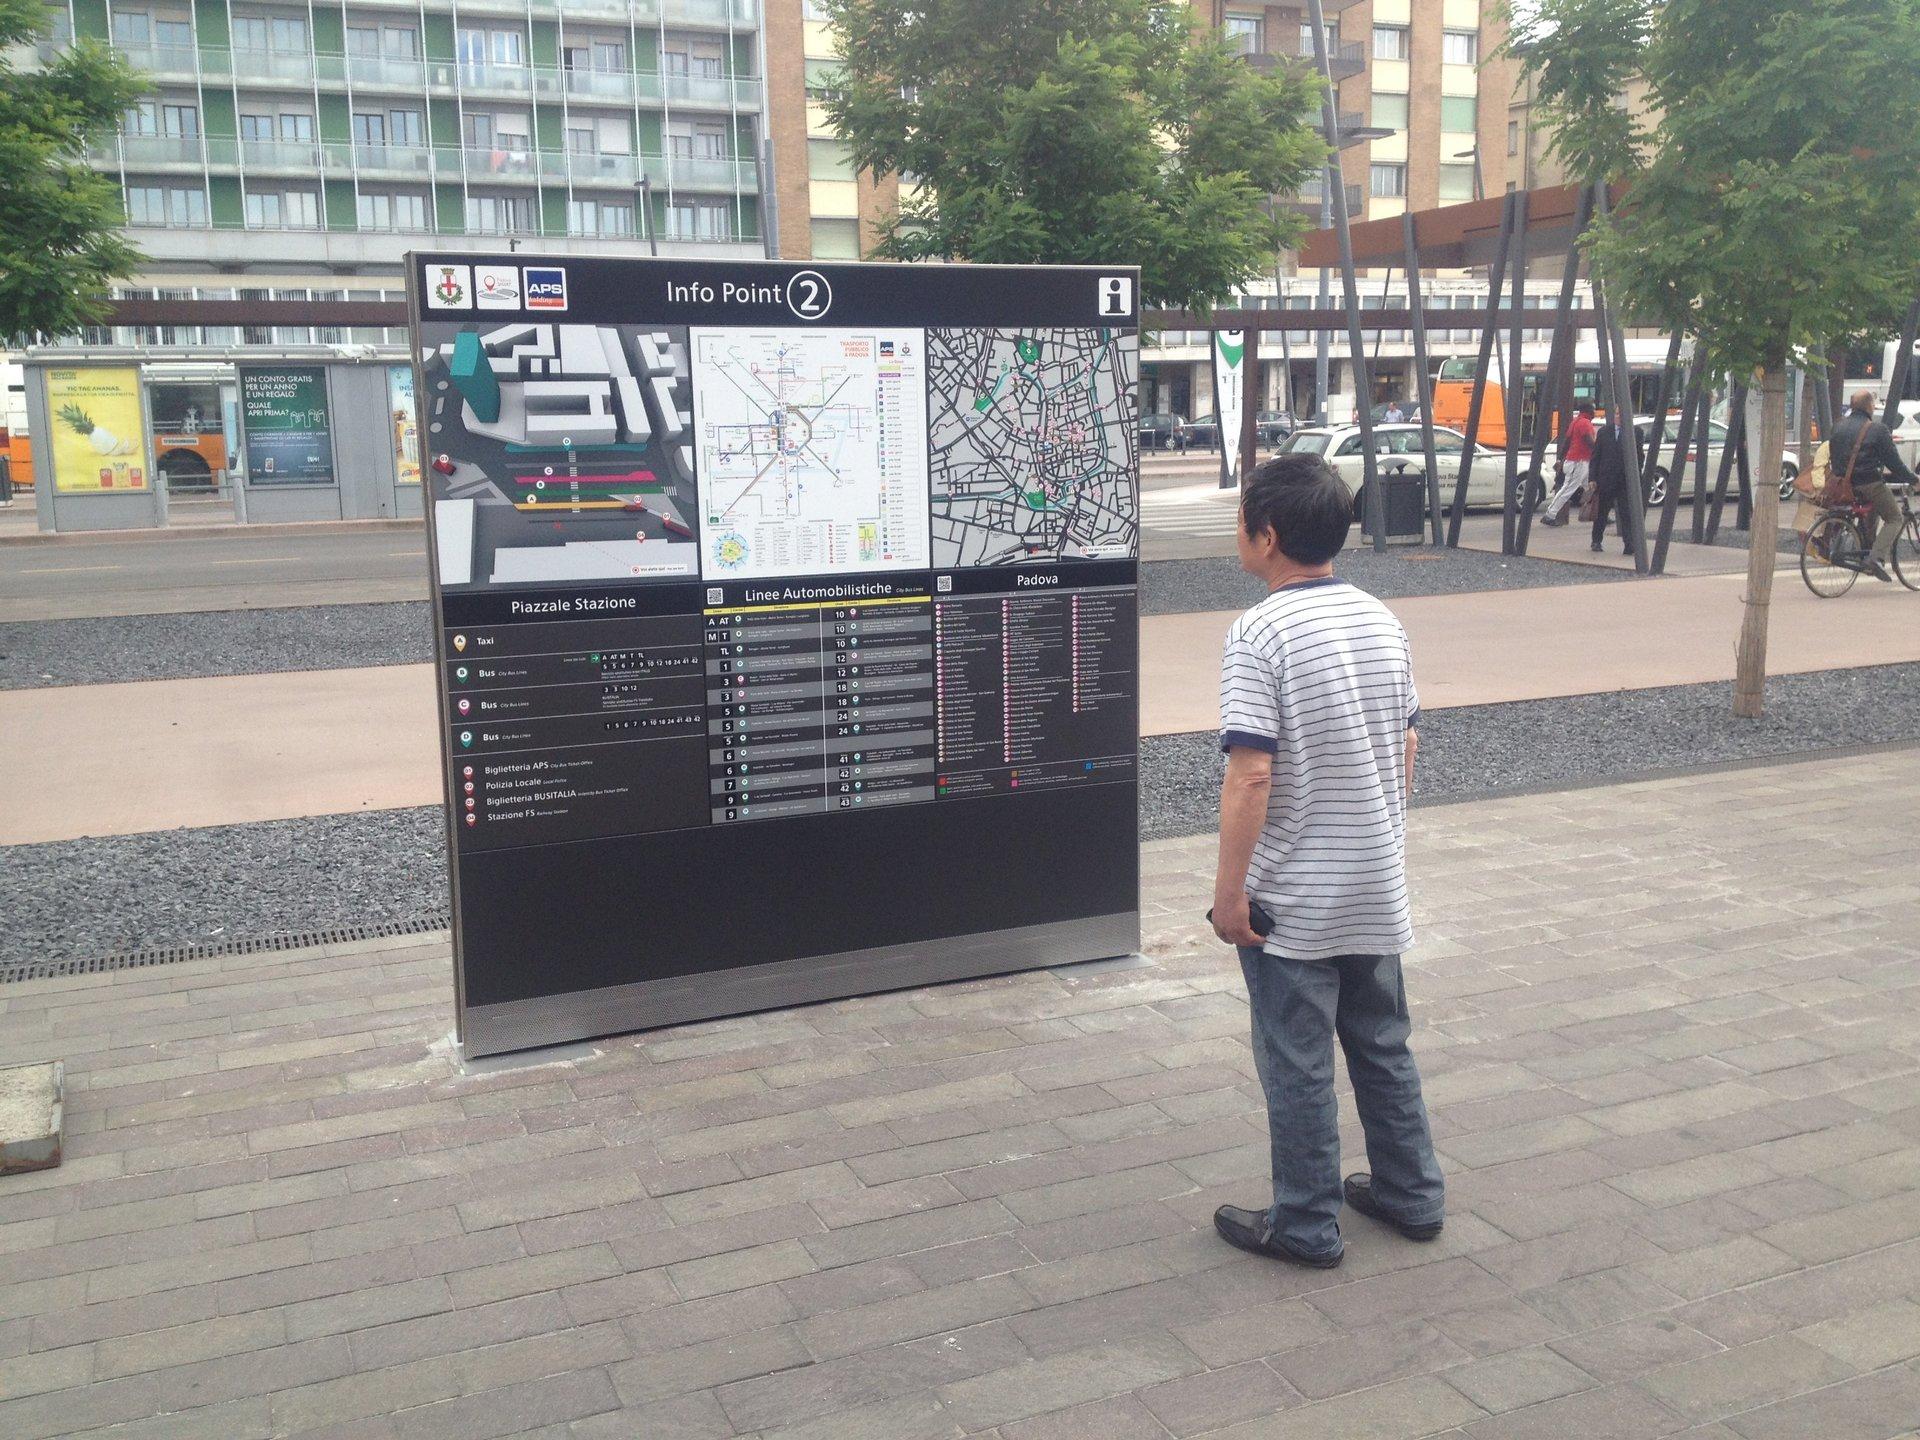 cartellone con mappa e indicazioni in una piazza